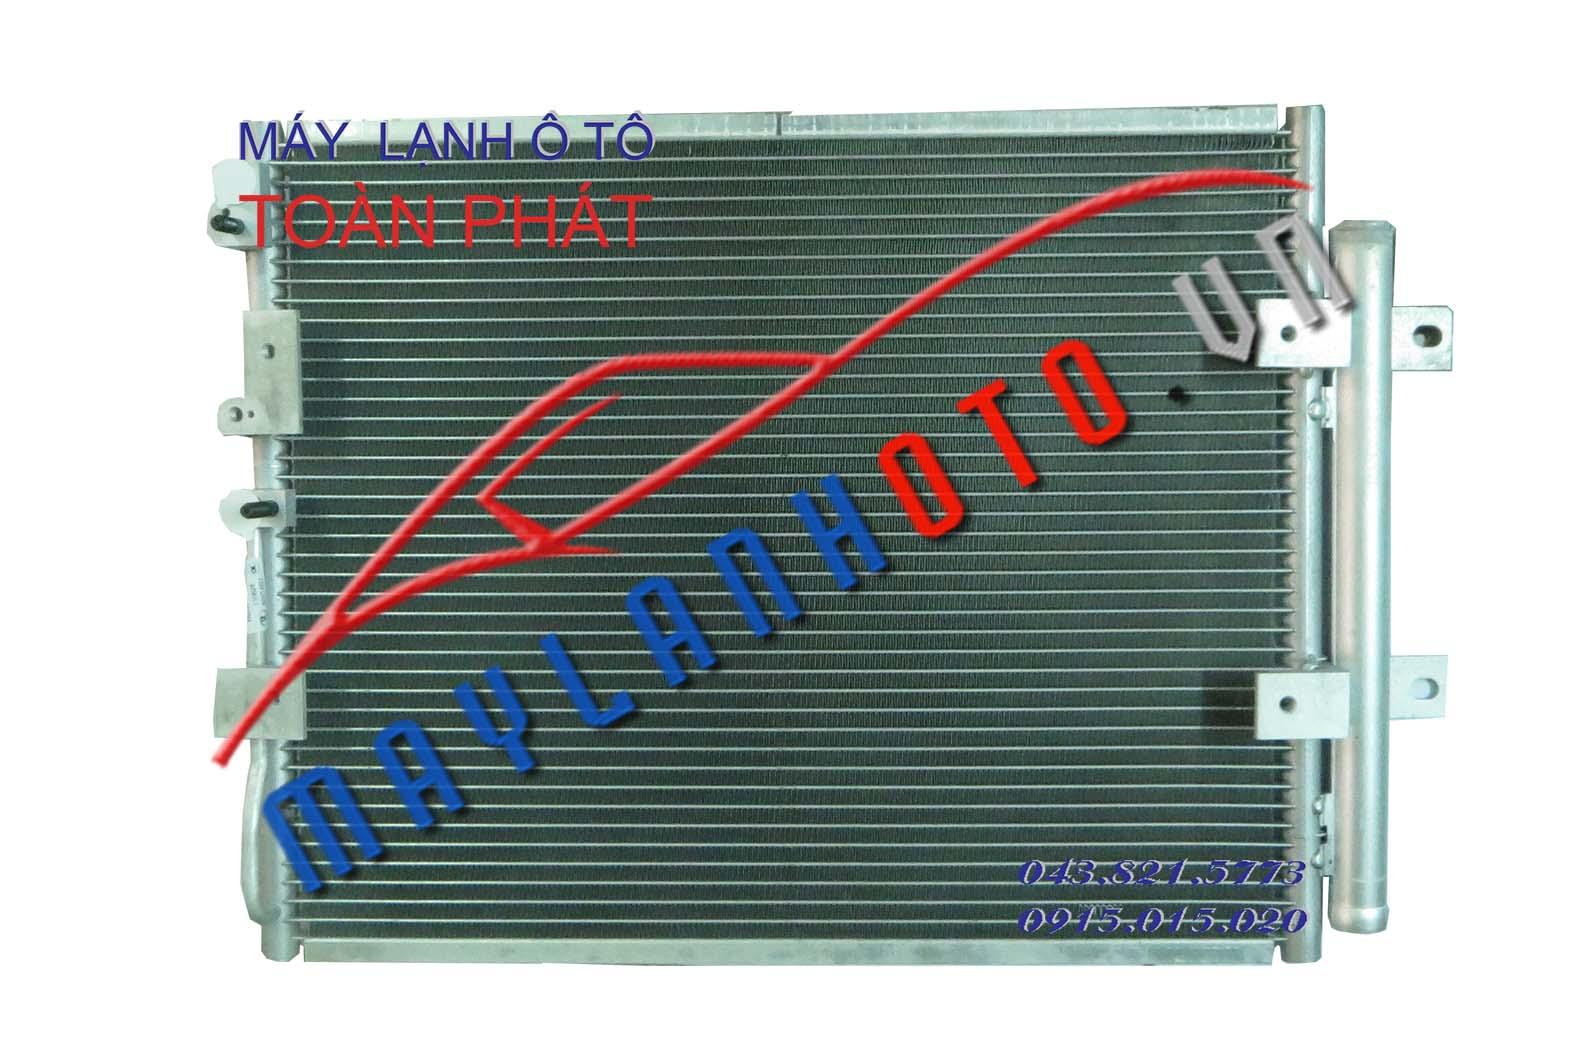 5 tấn phin liền / Giàn nóng điều hòa Hyundai 5 tấn / Dàn nóng điều hòa Hyundai 5 tấn